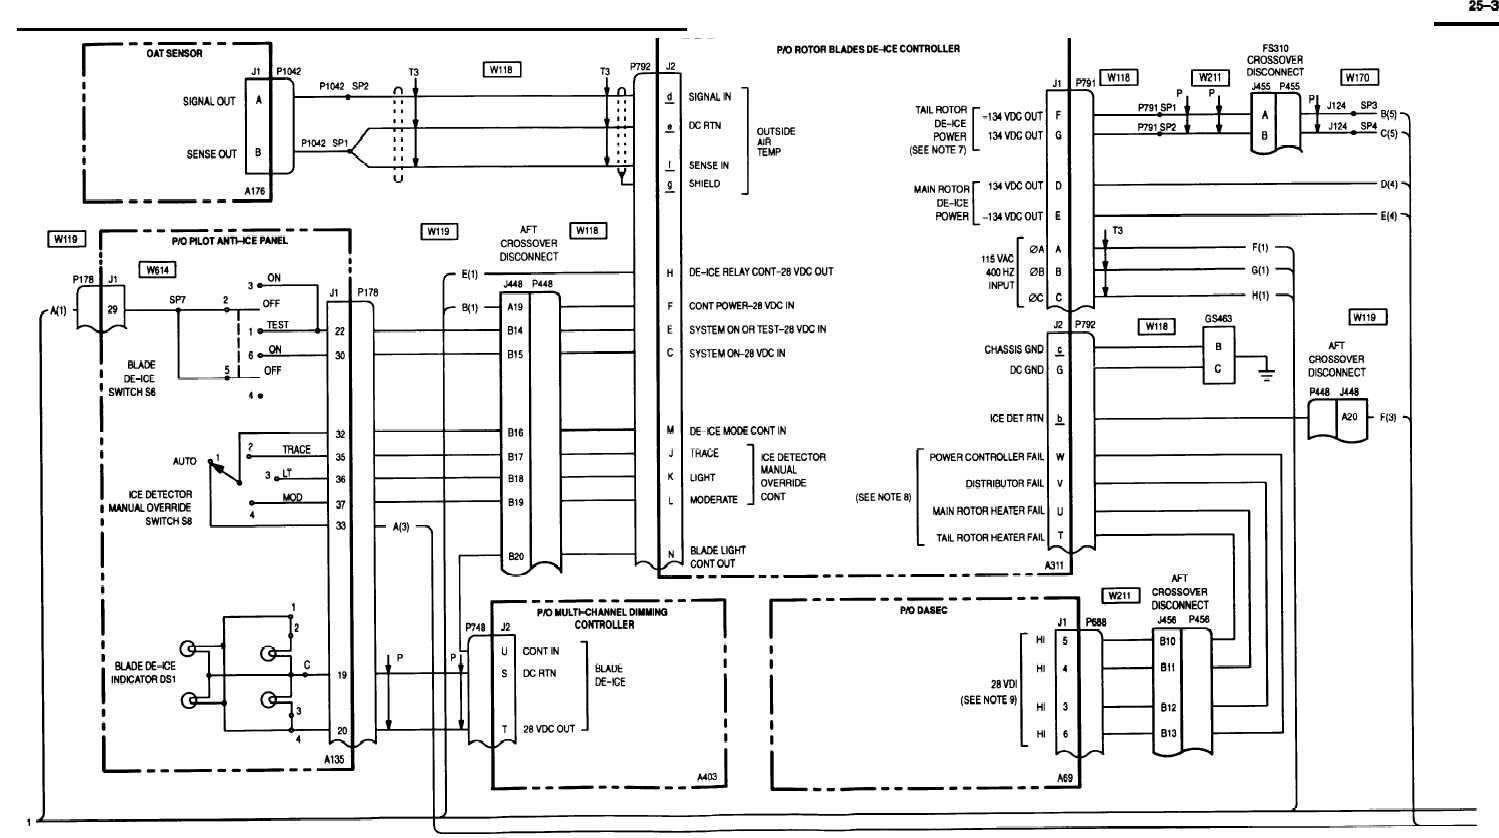 2007 suzuki m50 wiring diagram  suzuki  auto wiring diagram